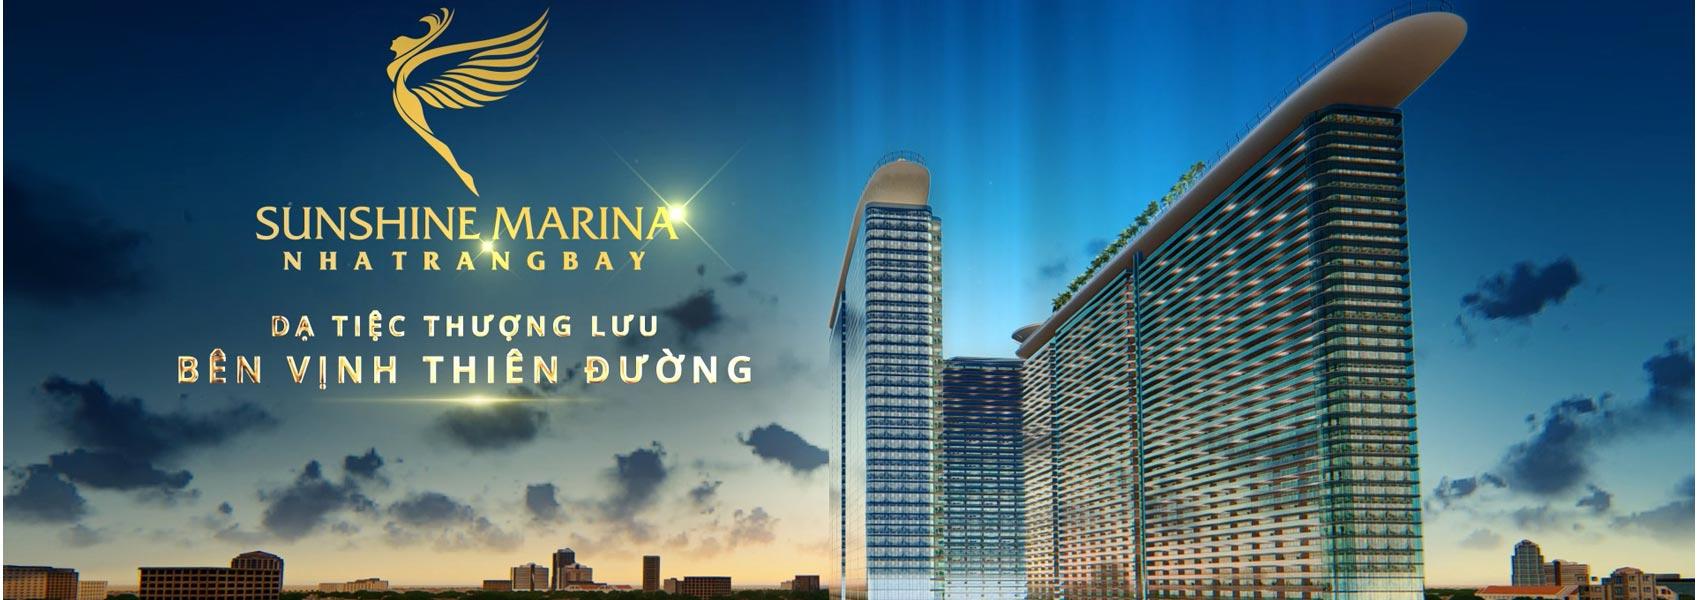 Mua bán cho thuê dự án căn hộ condotel Sunshine Marina Đường Trần Phú chủ đầu tư Sunshine Group